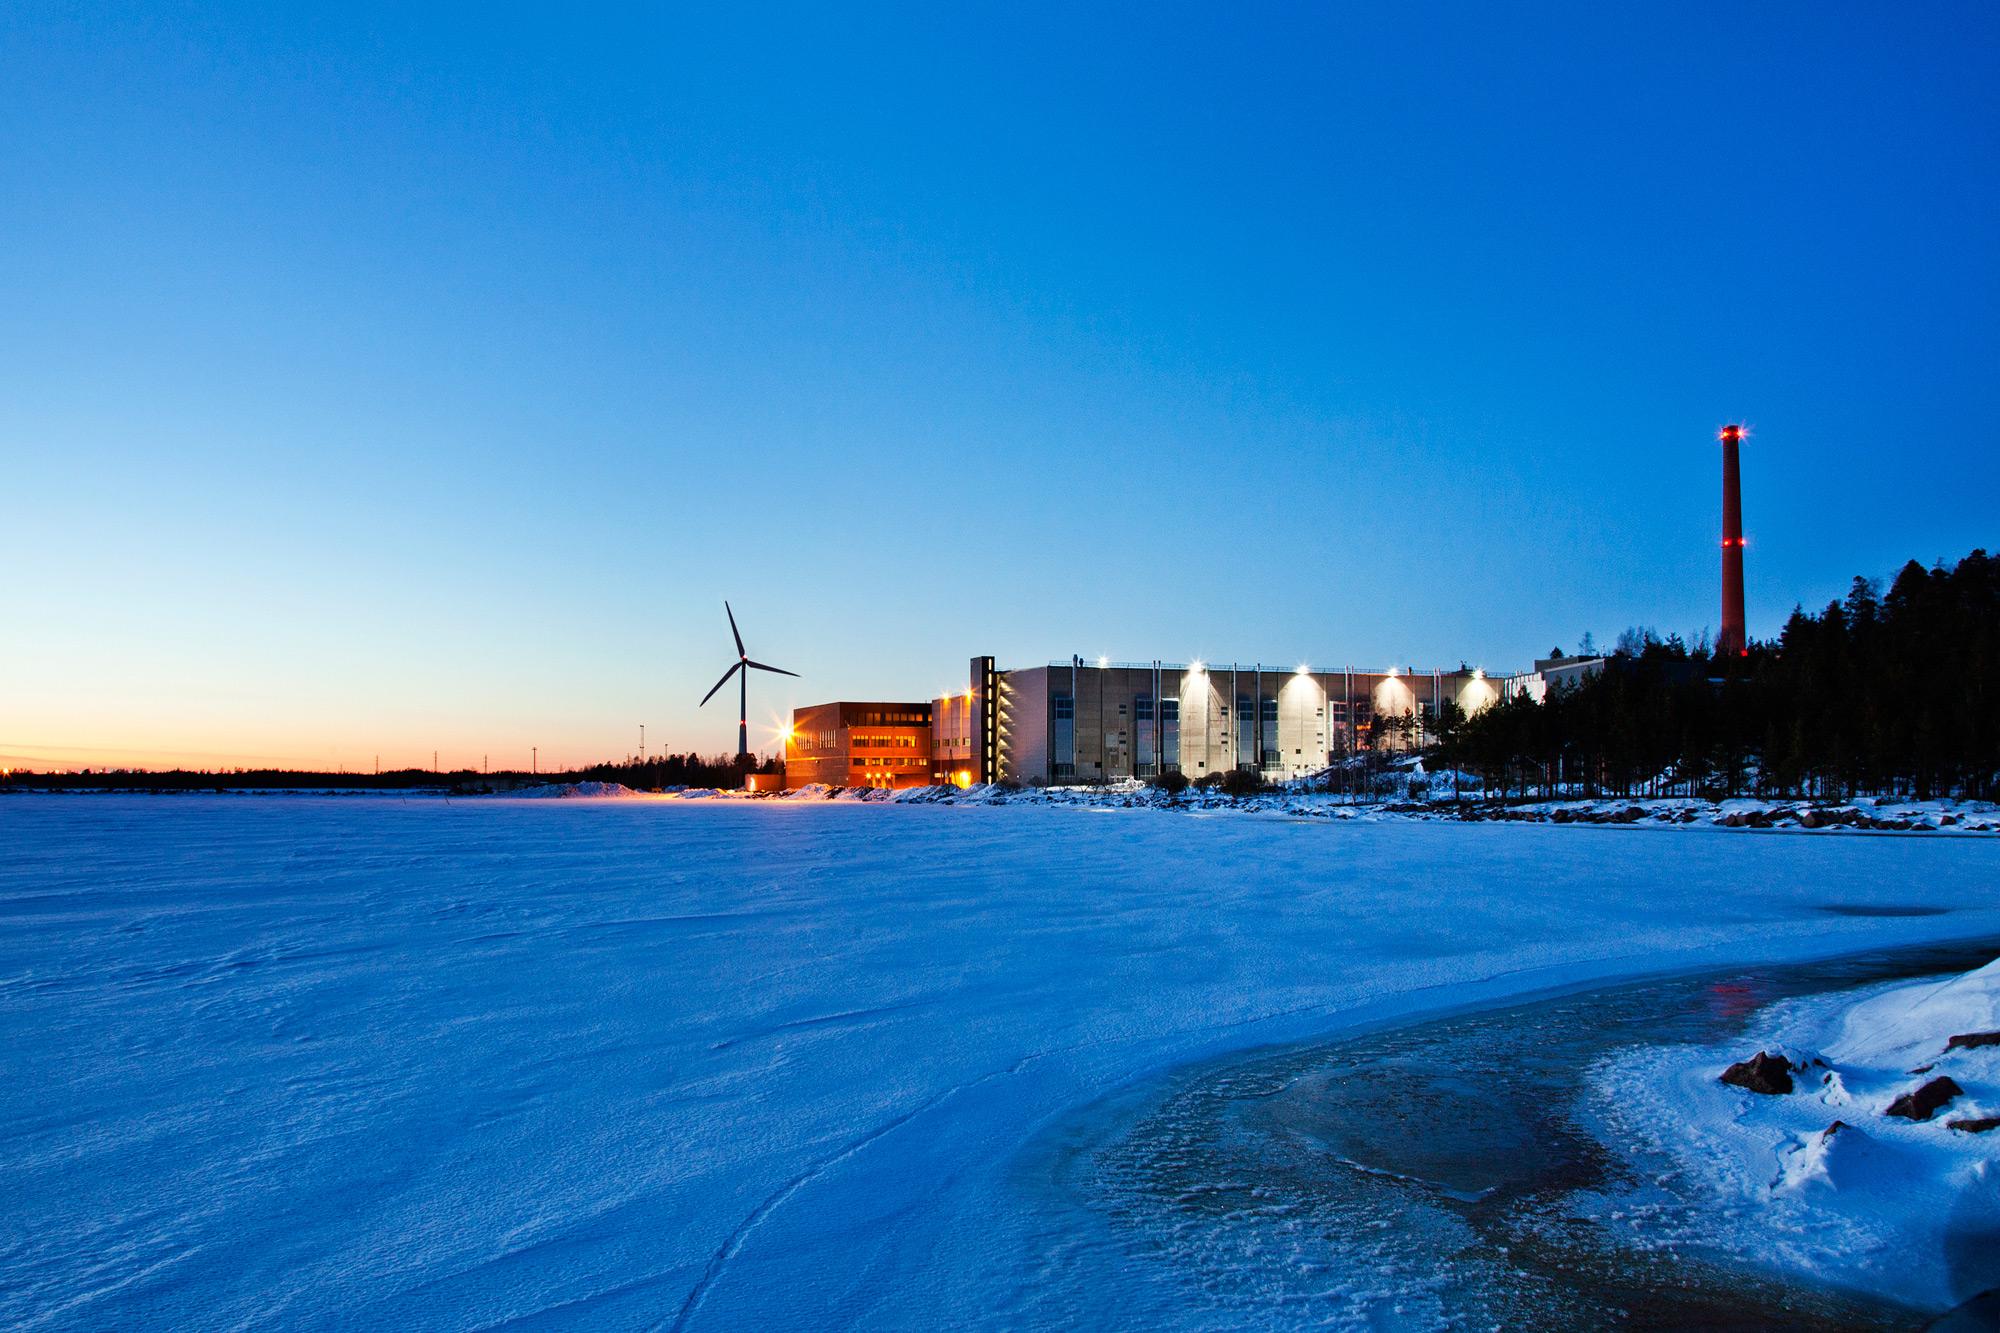 Data center do Google em Hamina, Finlândia, construído em uma antiga fábrica de papel